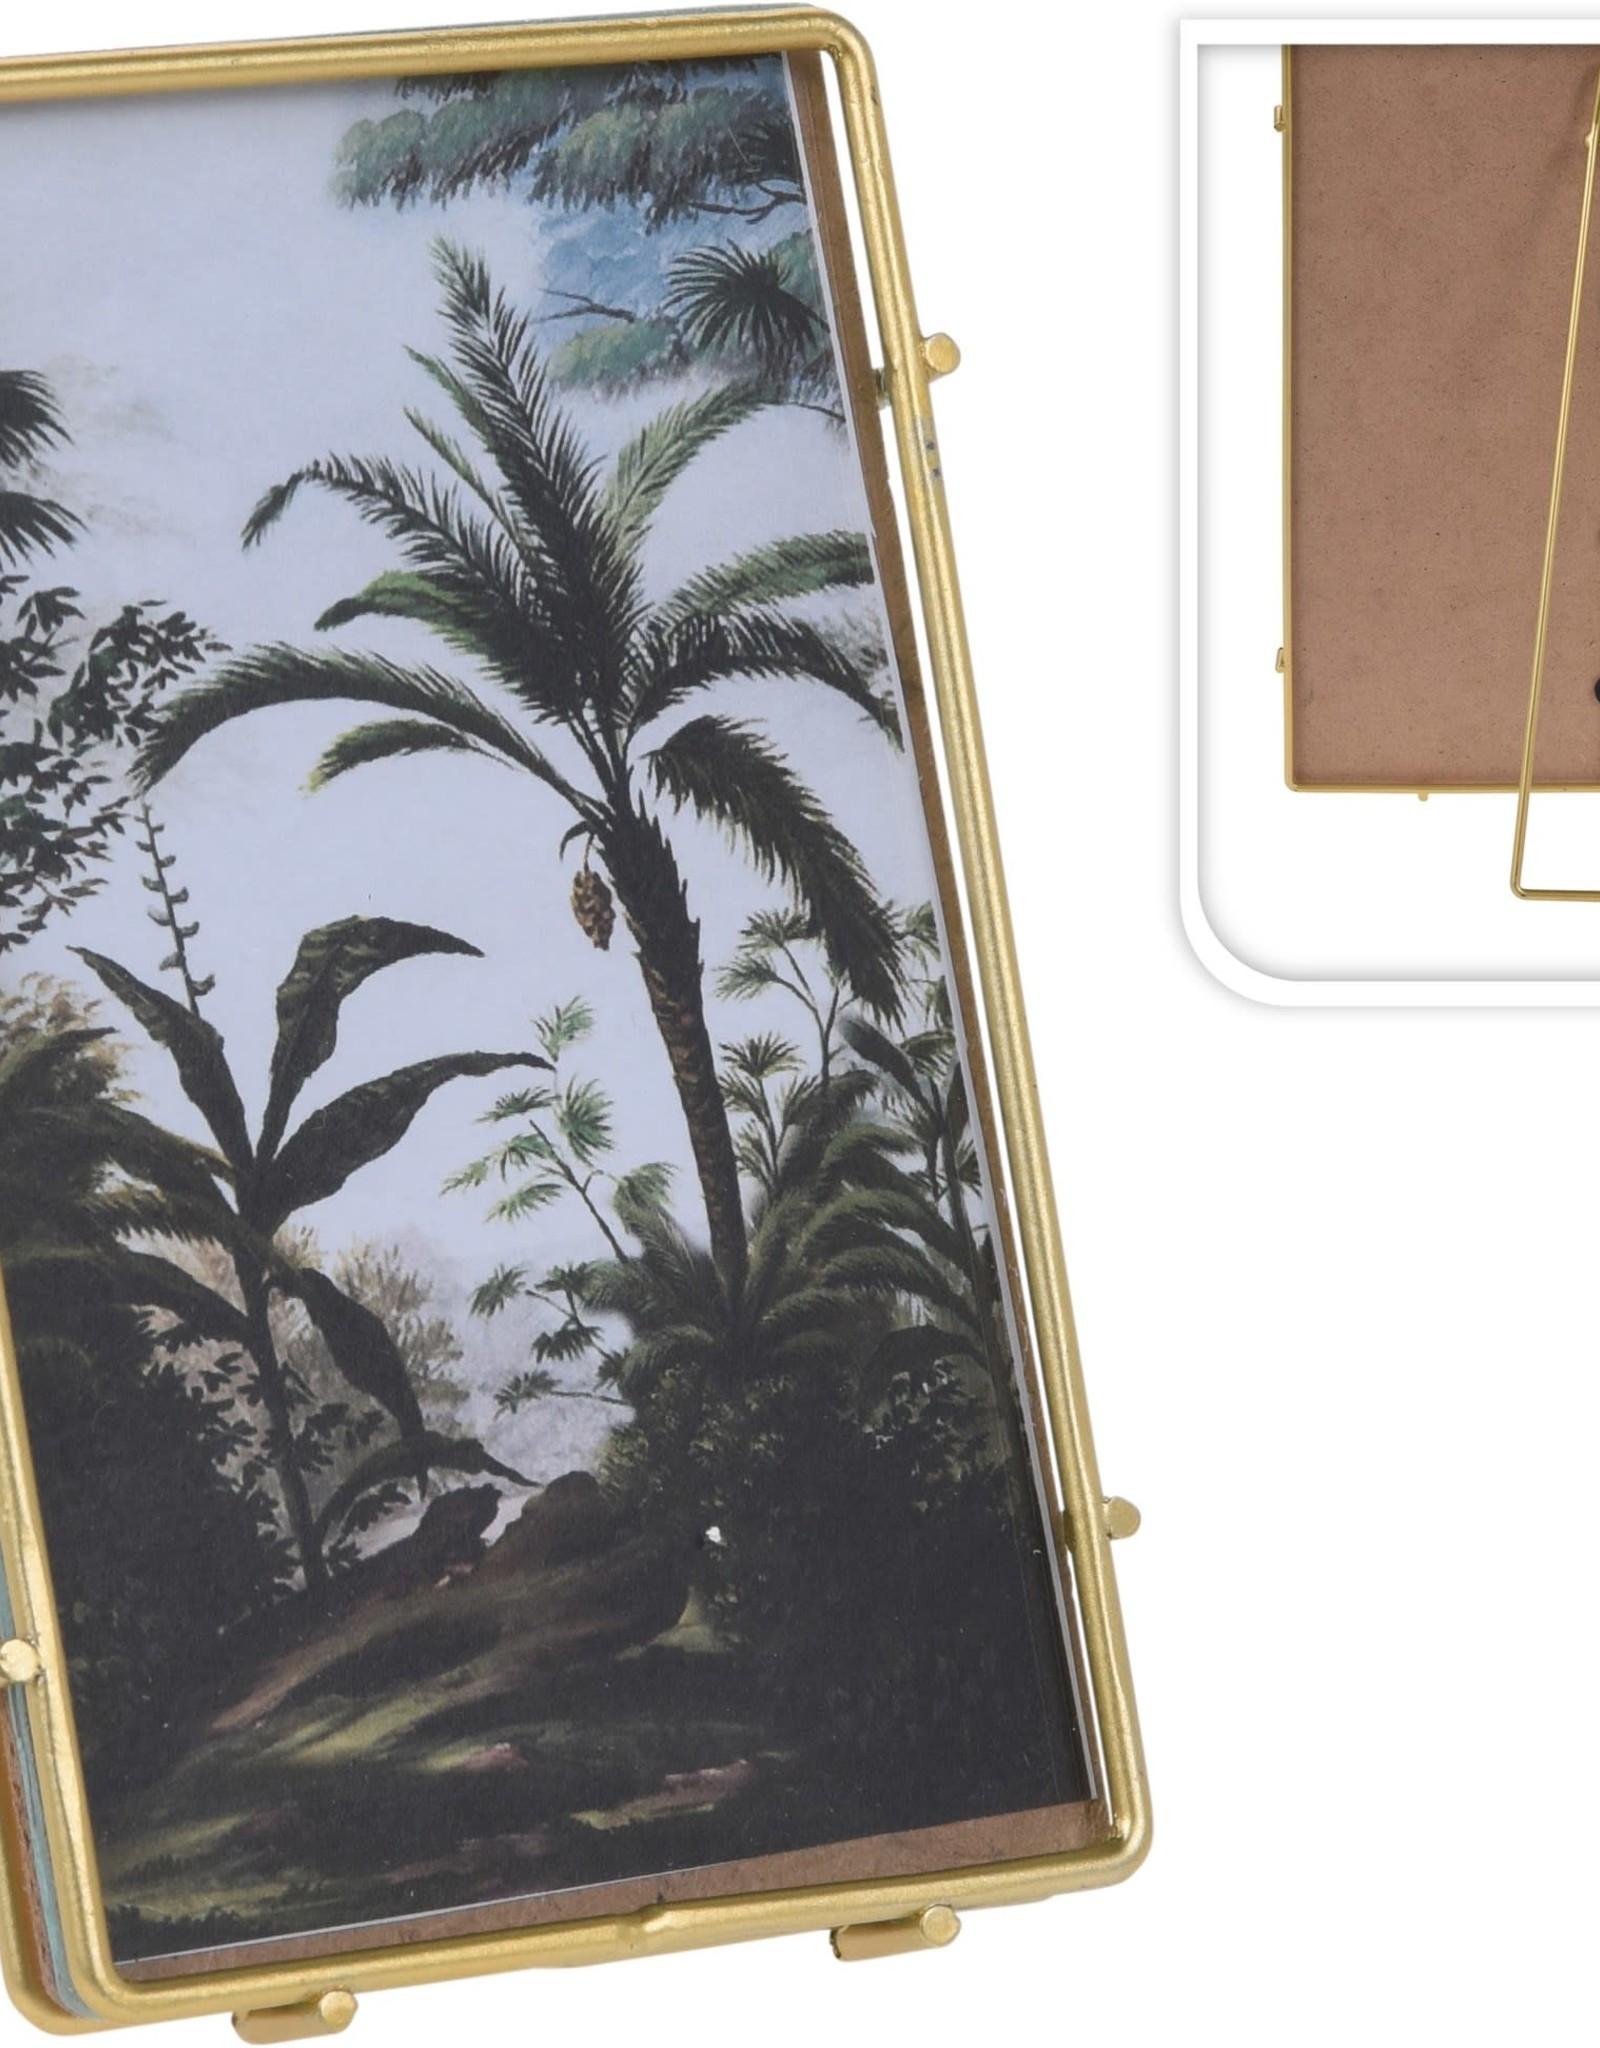 Cadre photo 5x3 - Laiton avec appui